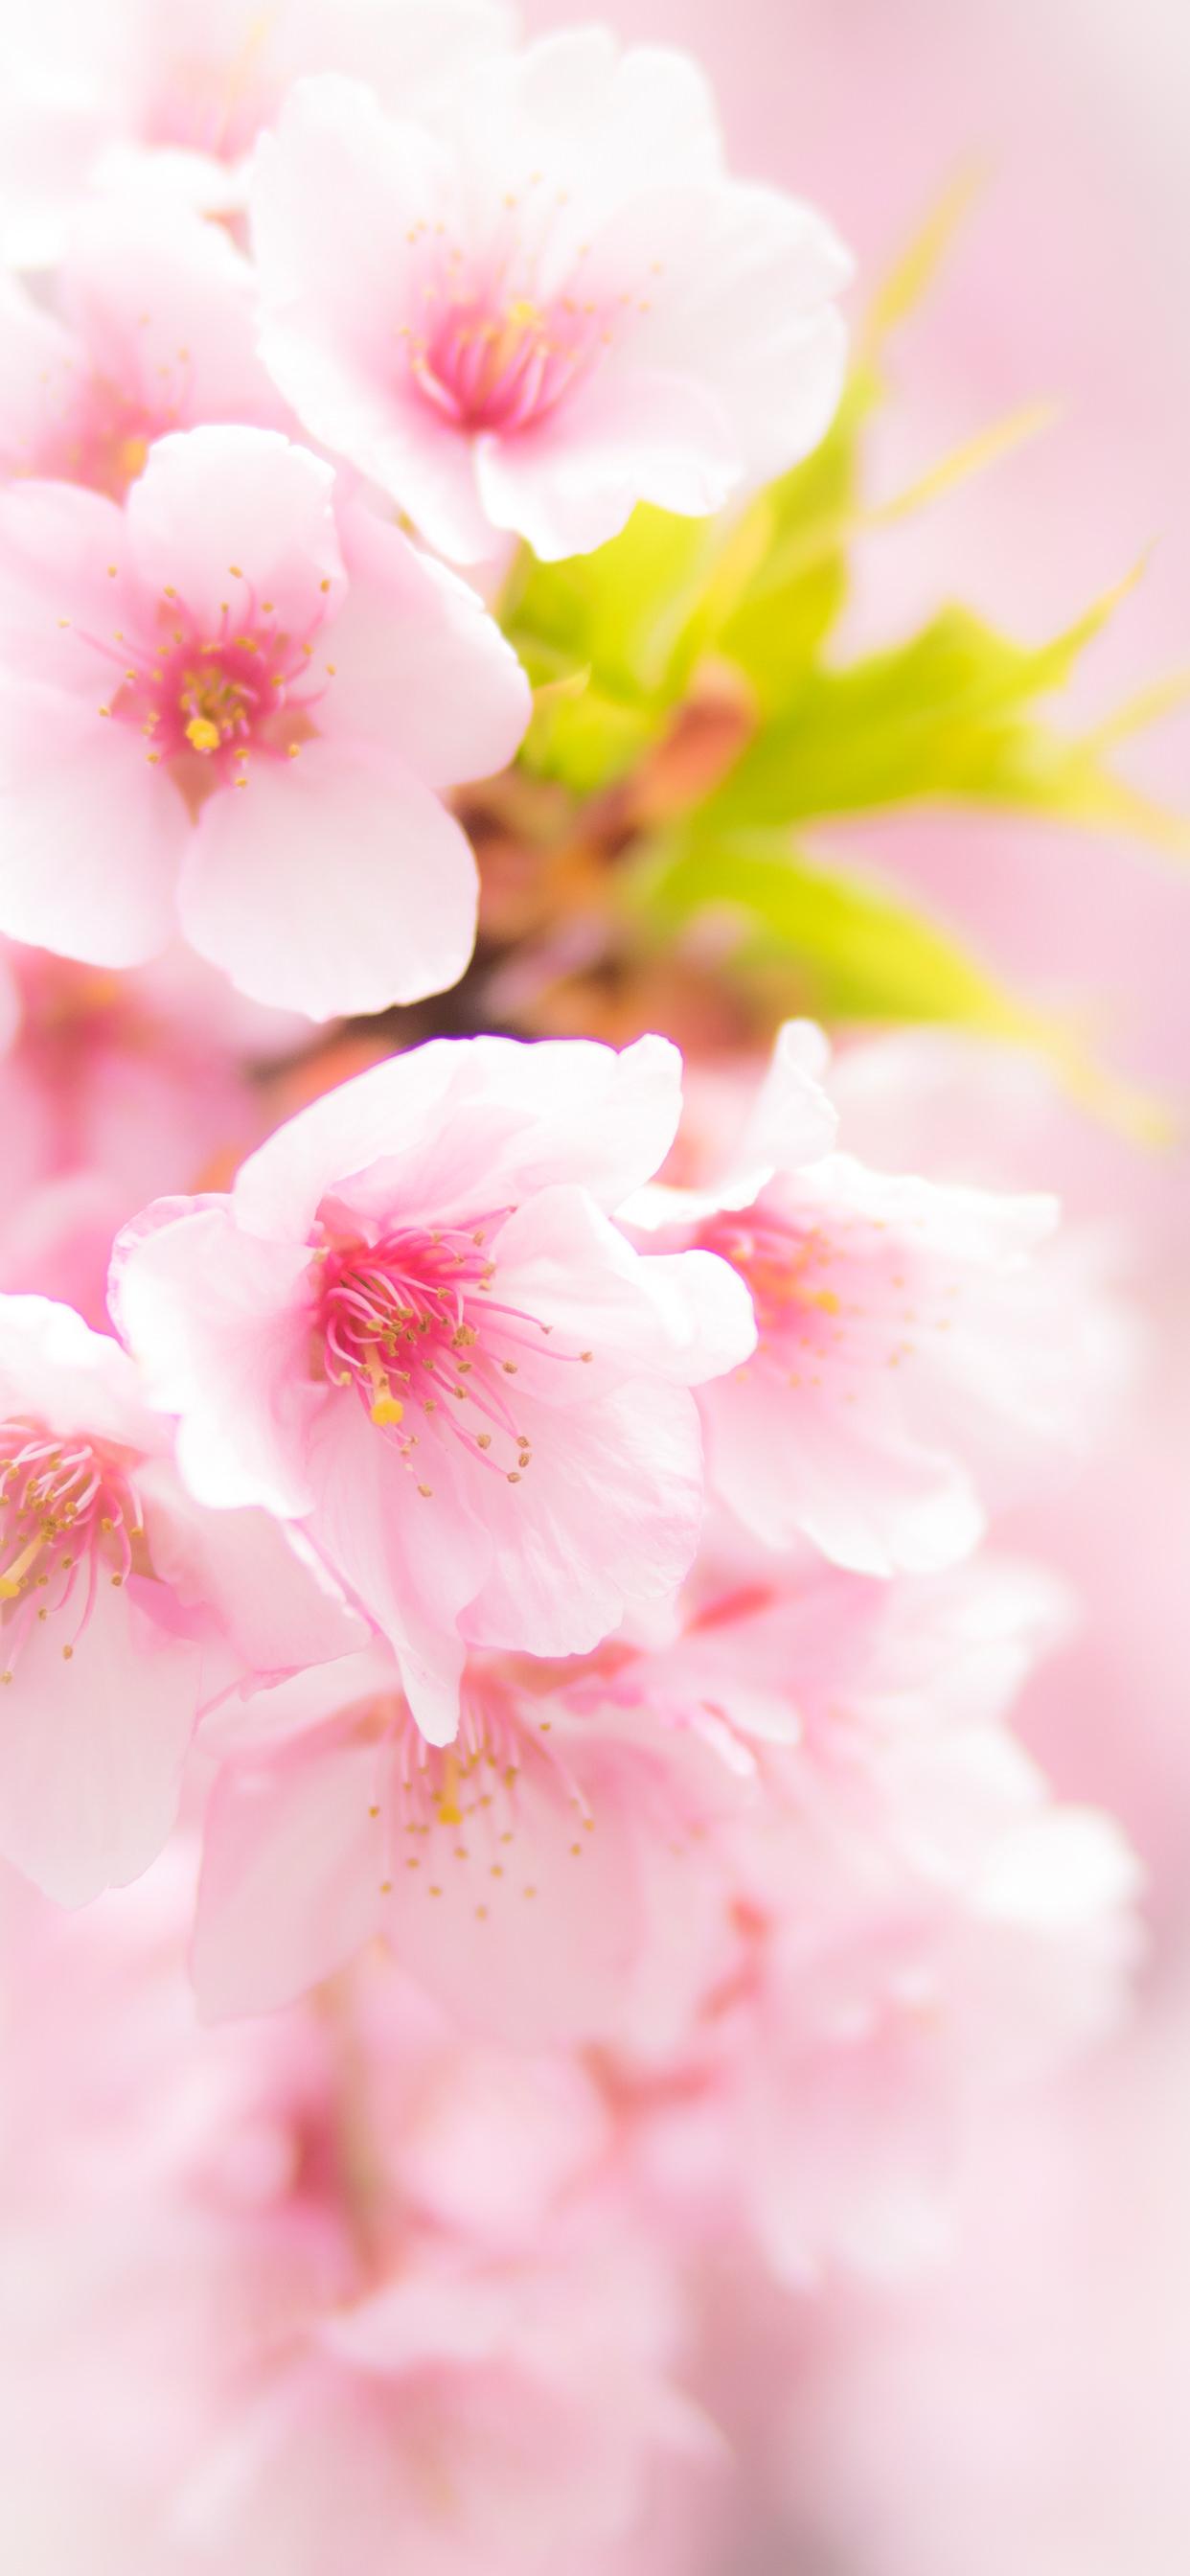 桜のiphoneスマホ無料壁紙 待ち受け 4234 フォトック